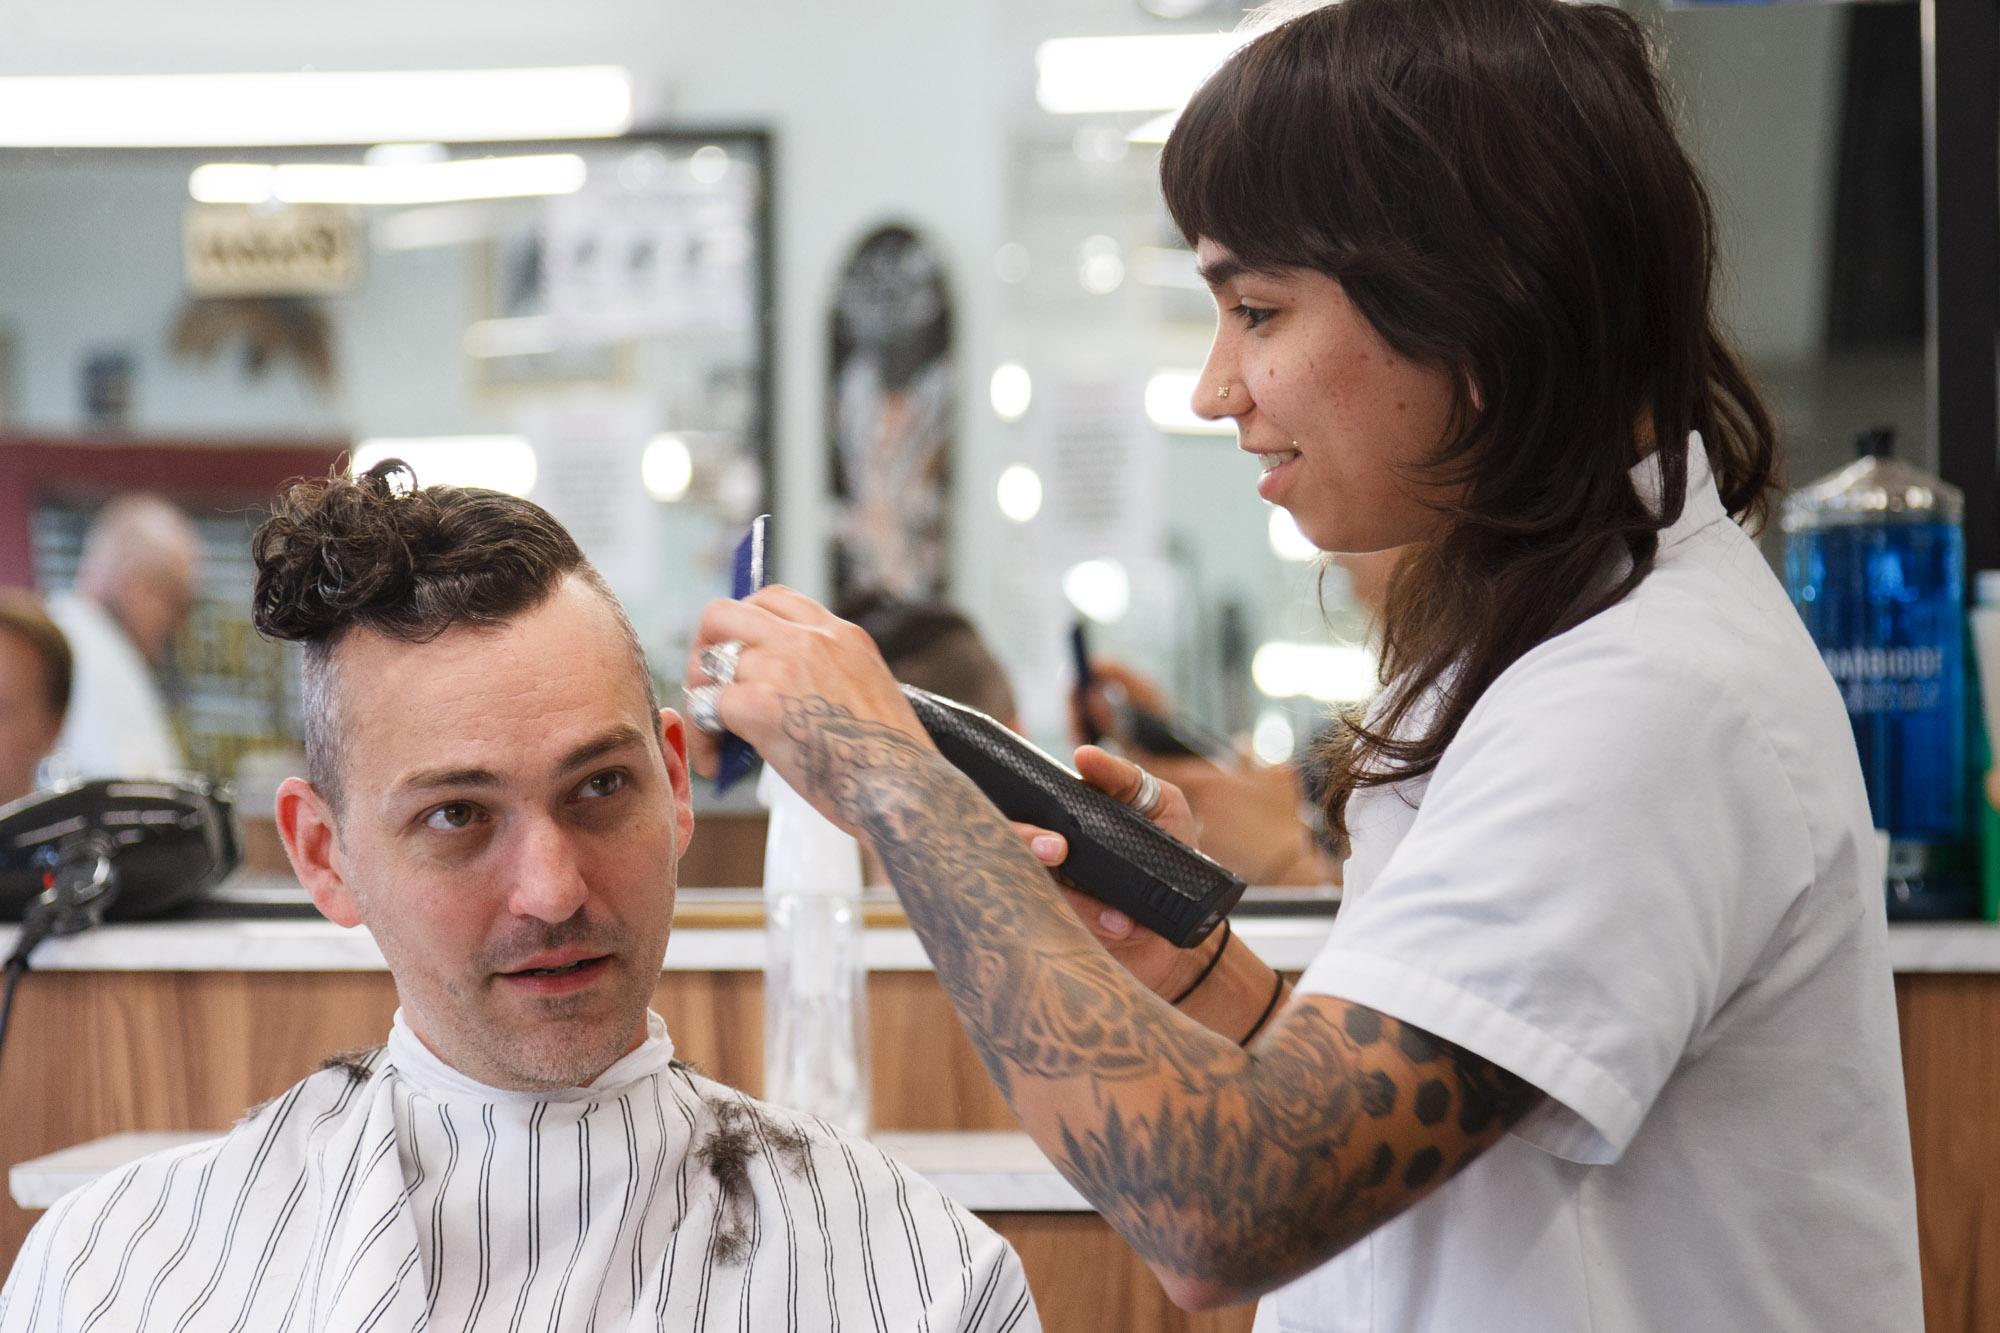 _Y1D8883_Lyles Barbershop_20190624.jpg